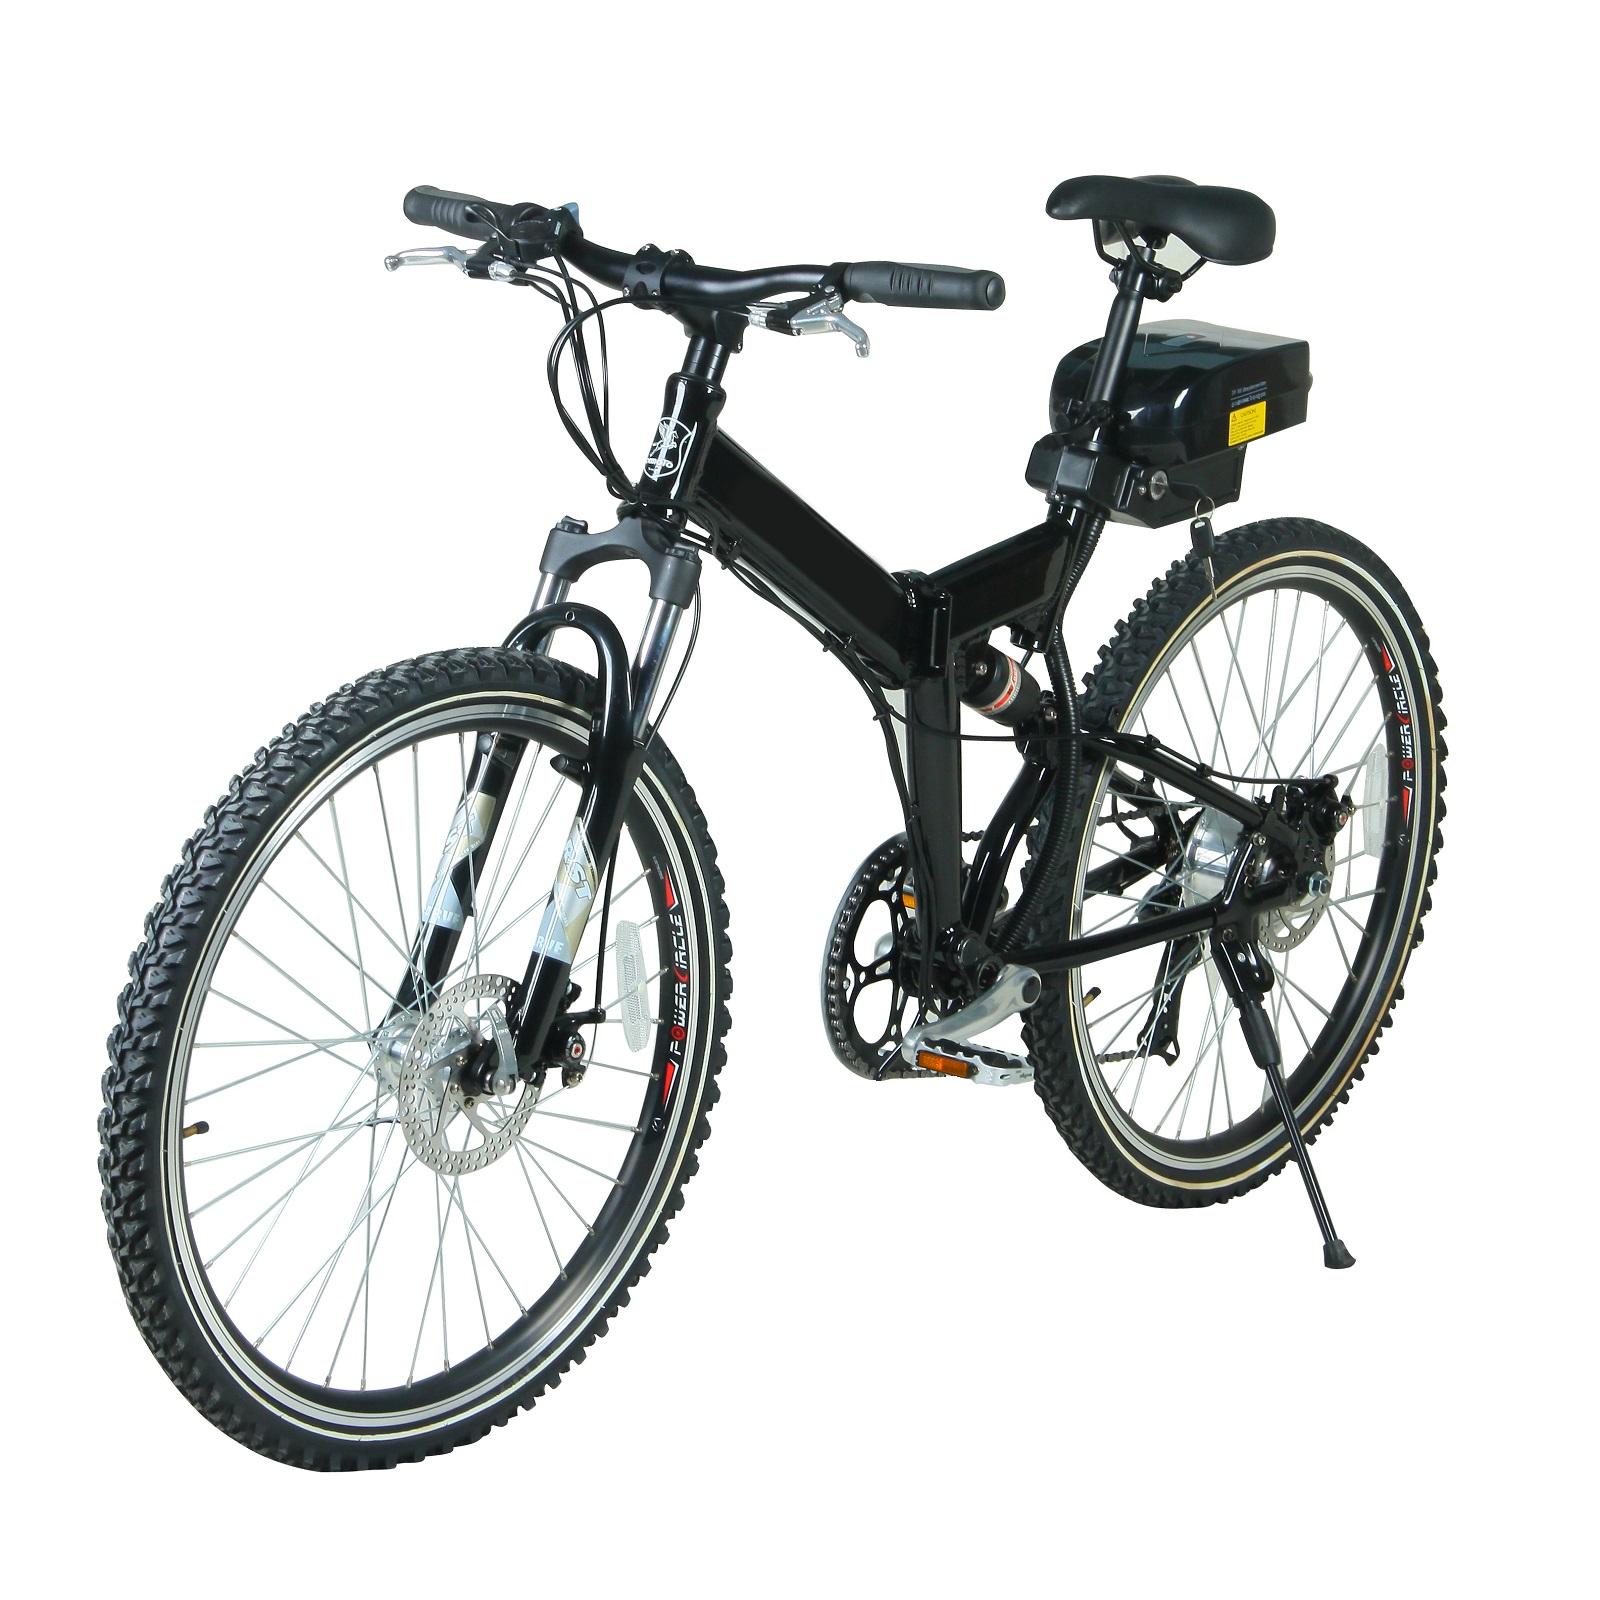 New Range Of Electric Bikes